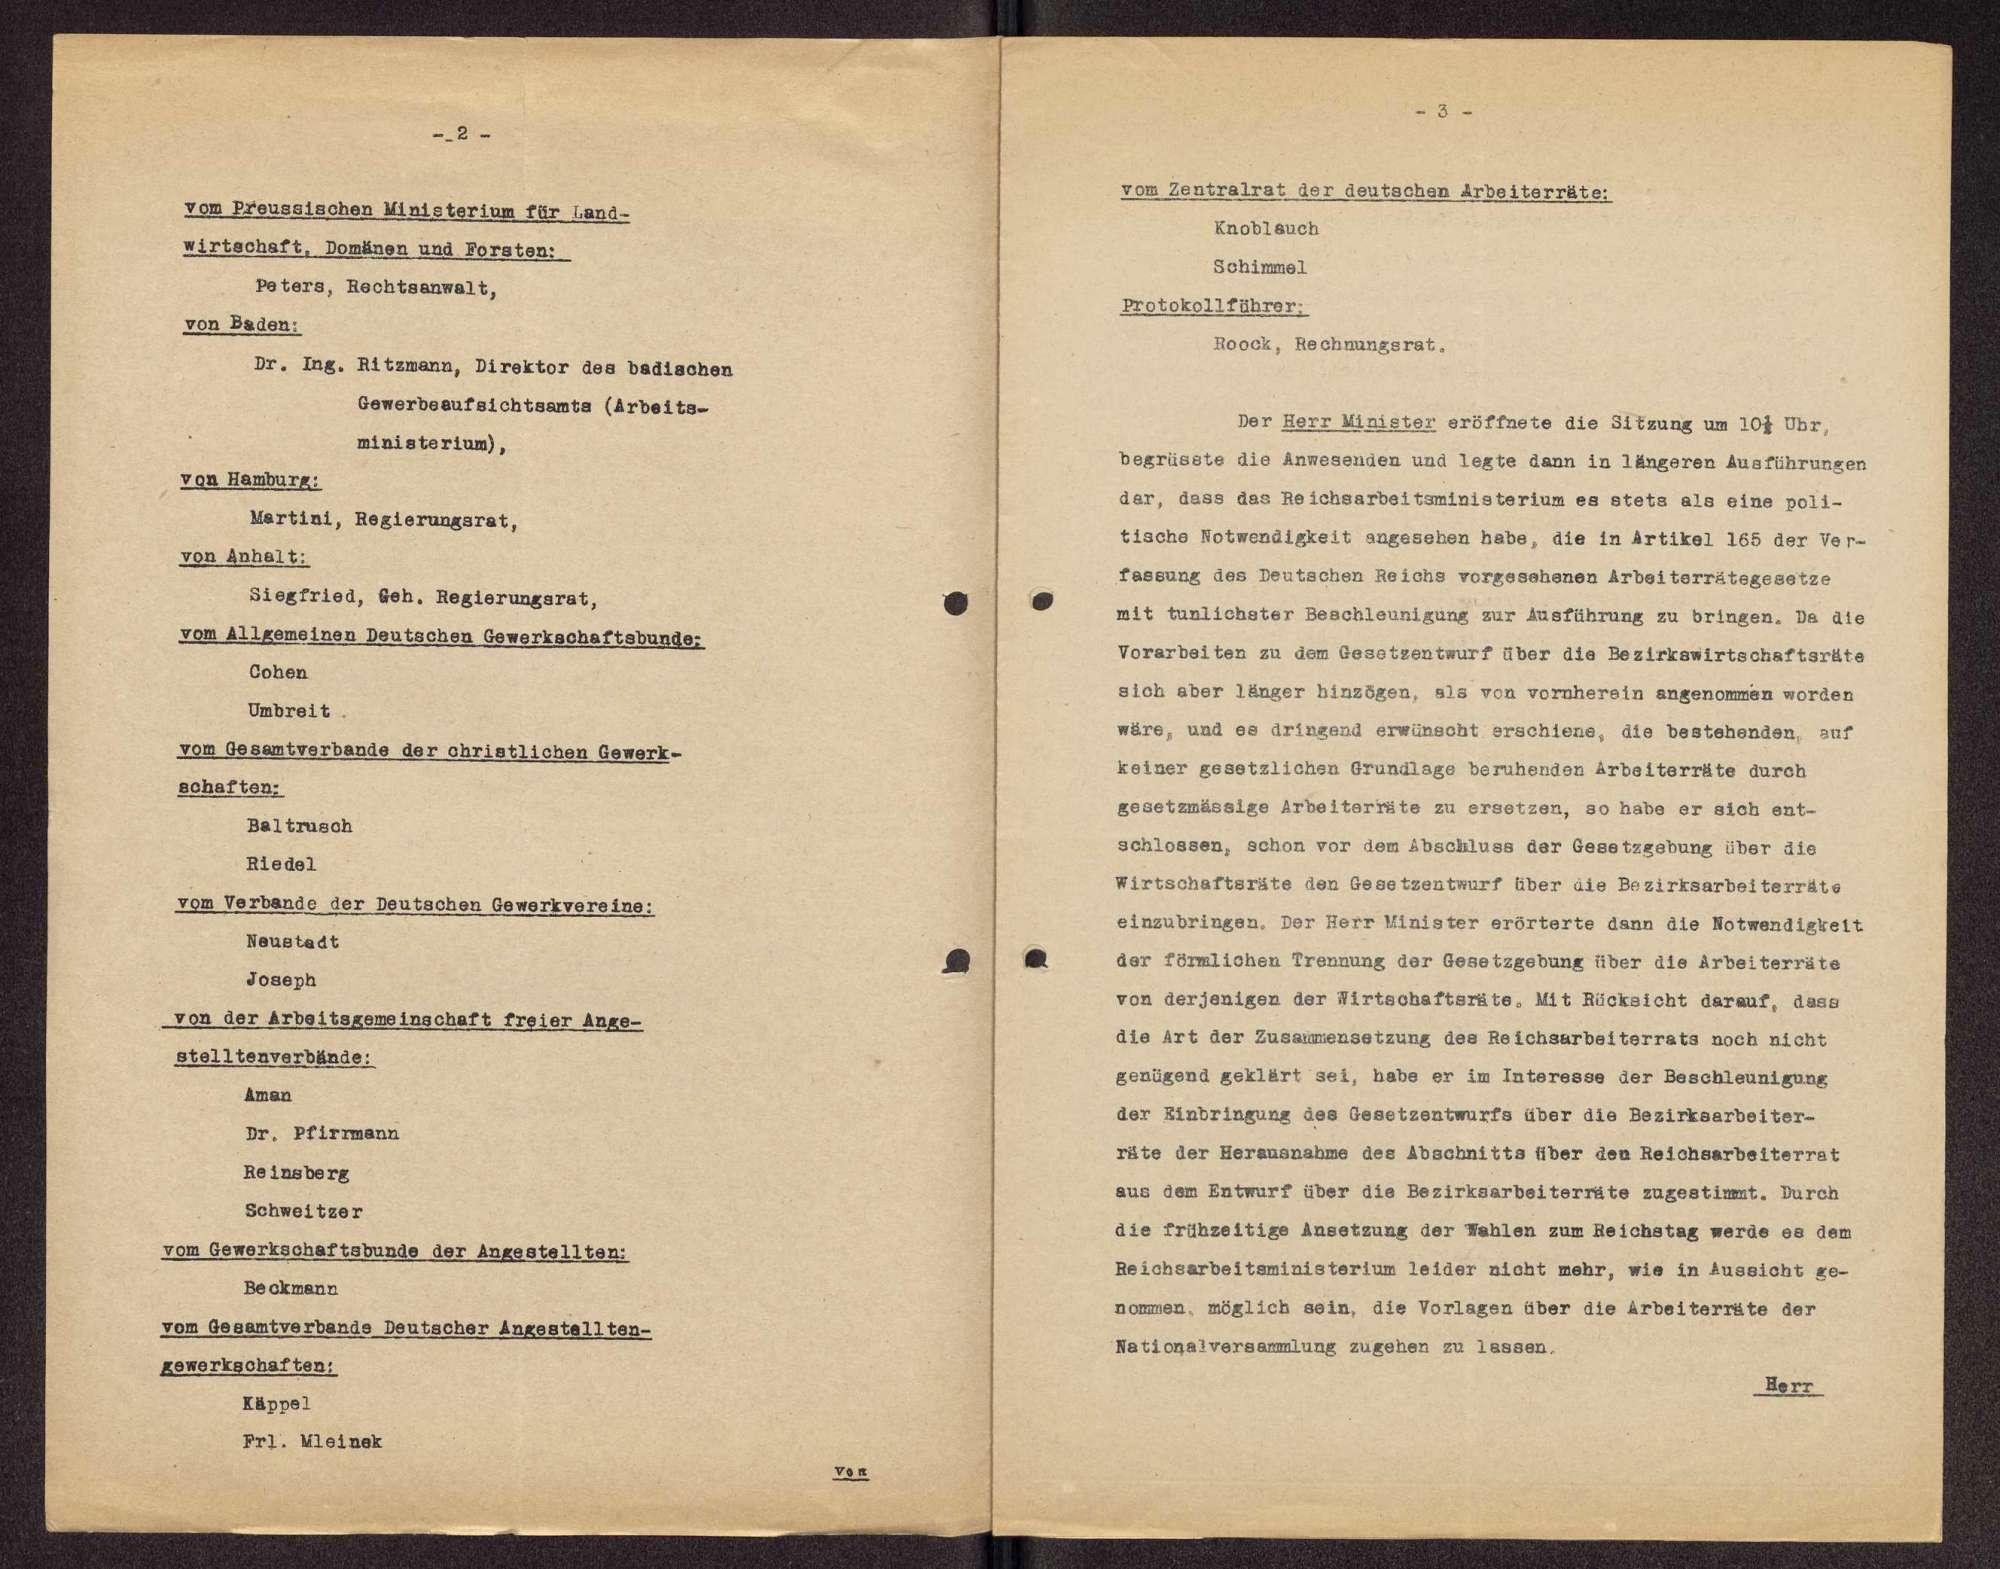 Teilnahme an den Kongressen der Arbeiter-, Bauern- und Soldatenräte v. 16.-20.12.1918 (1. Rätekongress) und v. 8.-14.4.1919 (2. Rätekongress) in Berlin und Tätigkeit als Mitglied des Zentralrats der deutschen Arbeiterräte, Bild 2